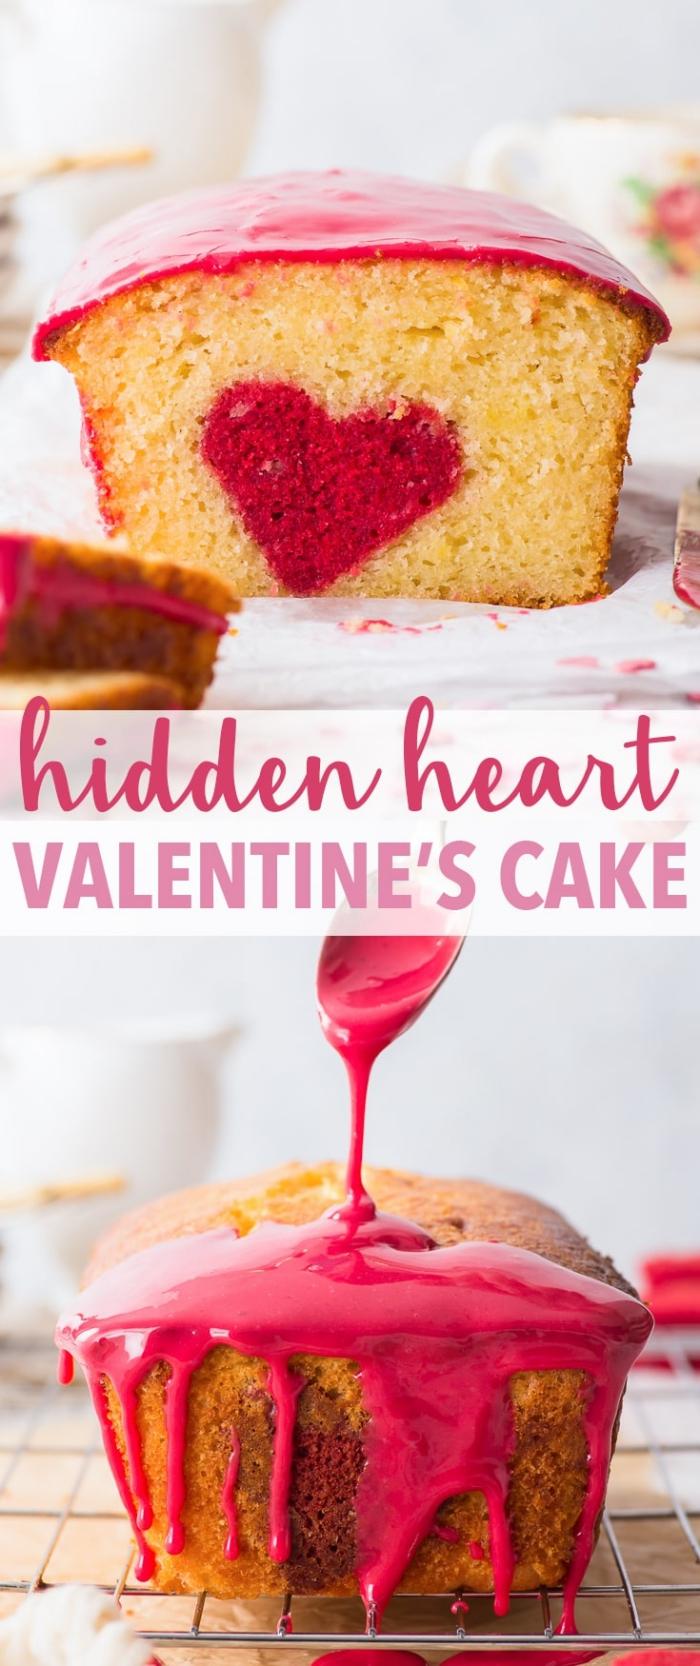 recette de gâteau facile et rapide pour la saint valentin, idée de dessert à la vanille moelleux avec coeur au centre